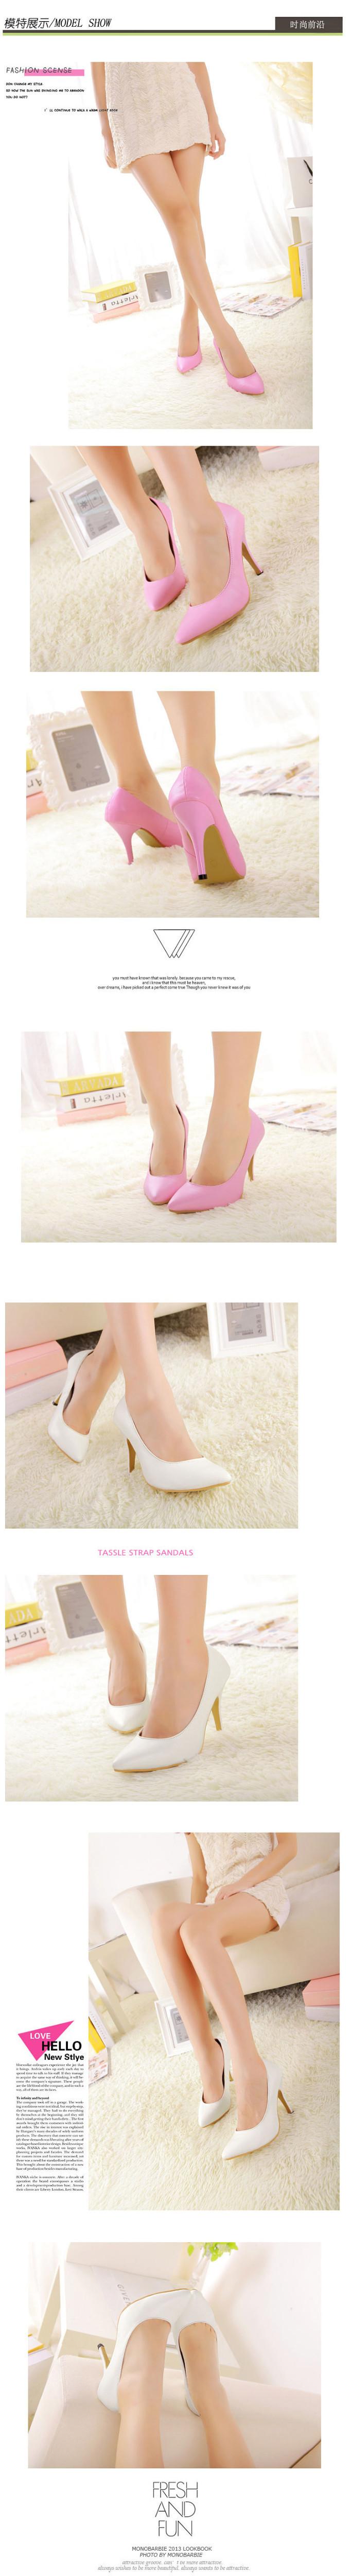 odema новые конфеты розовый/белый насосы дамы указал носок каблуки мелкий рот обувь женщины одного обувь Размер 35-40